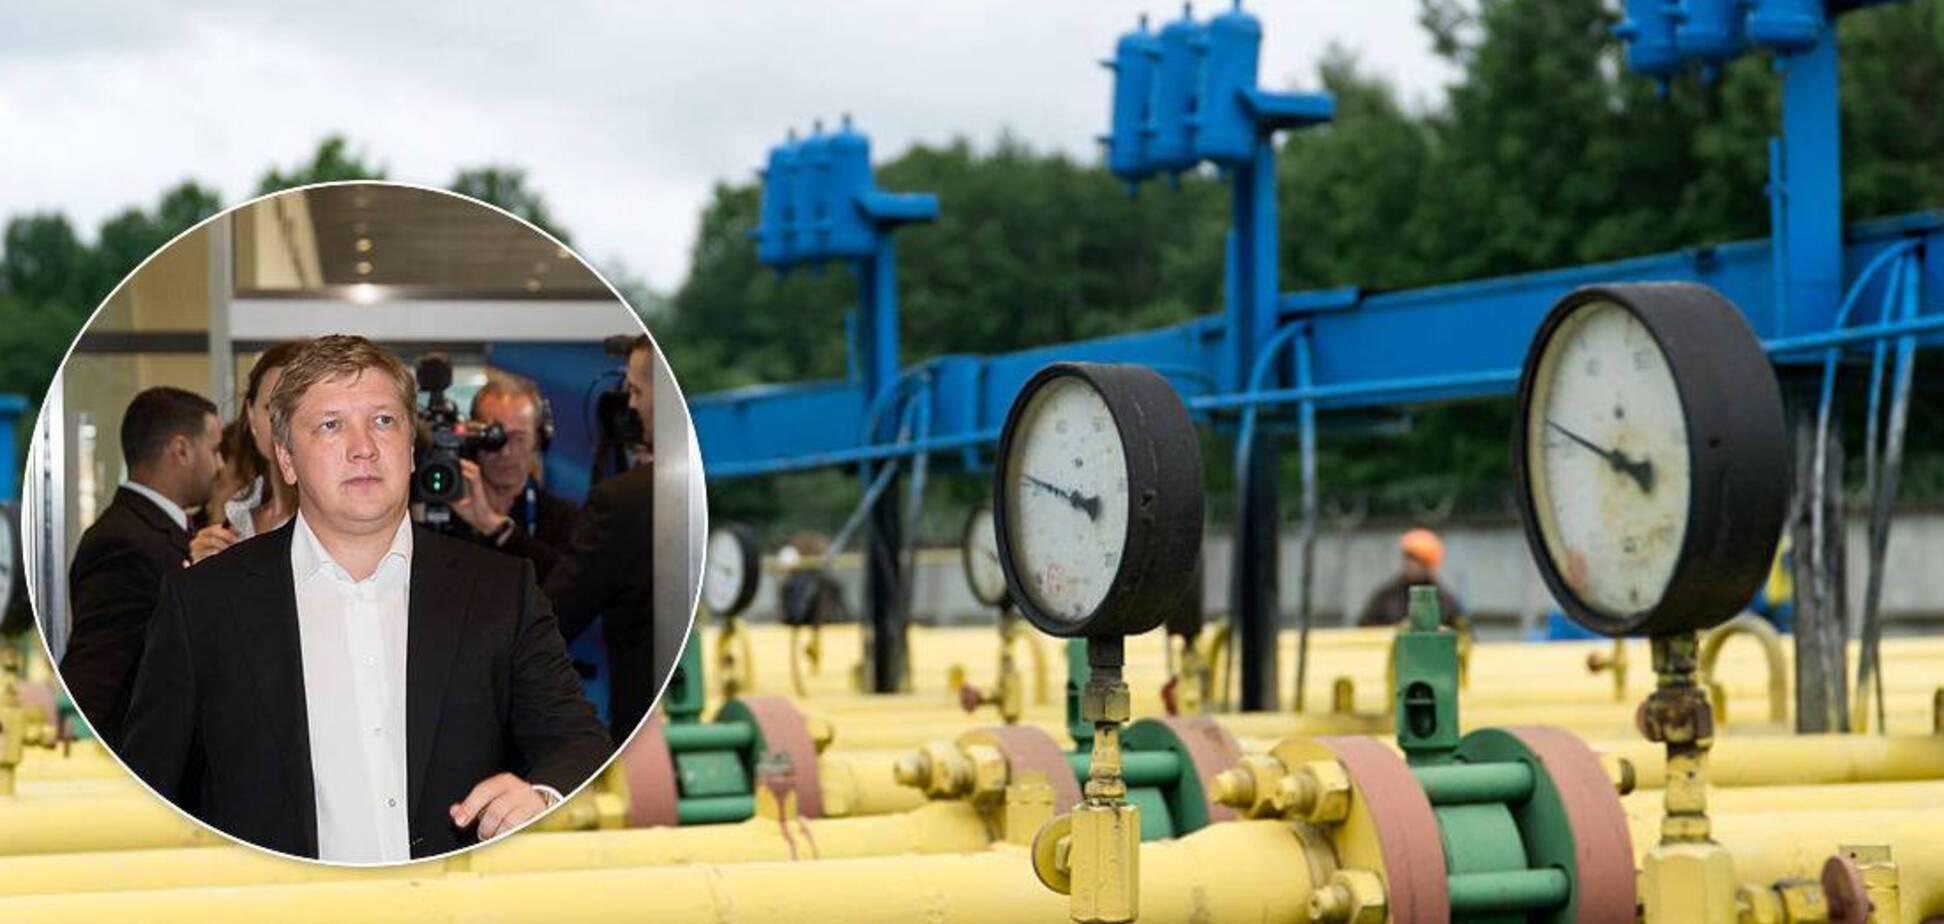 Цены на газ кардинально изменятся через неделю: запустят тарифные планы и 'освободят' 'Нафтогаз'